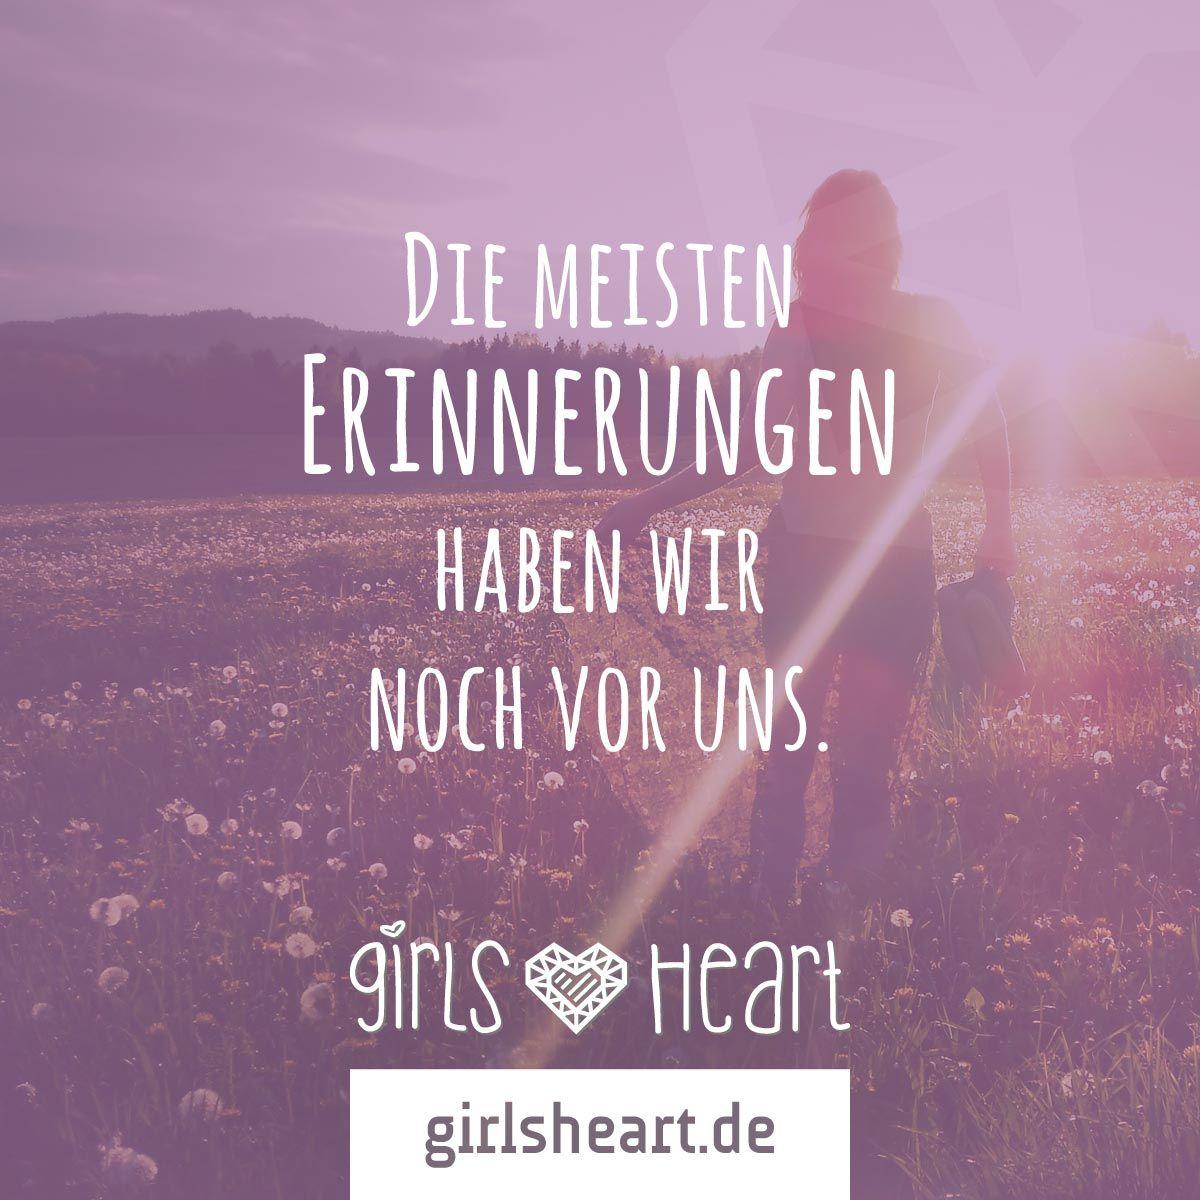 Mehr Sprüche auf: .girlsheart.de #erinnerungen #zukunft #spaß